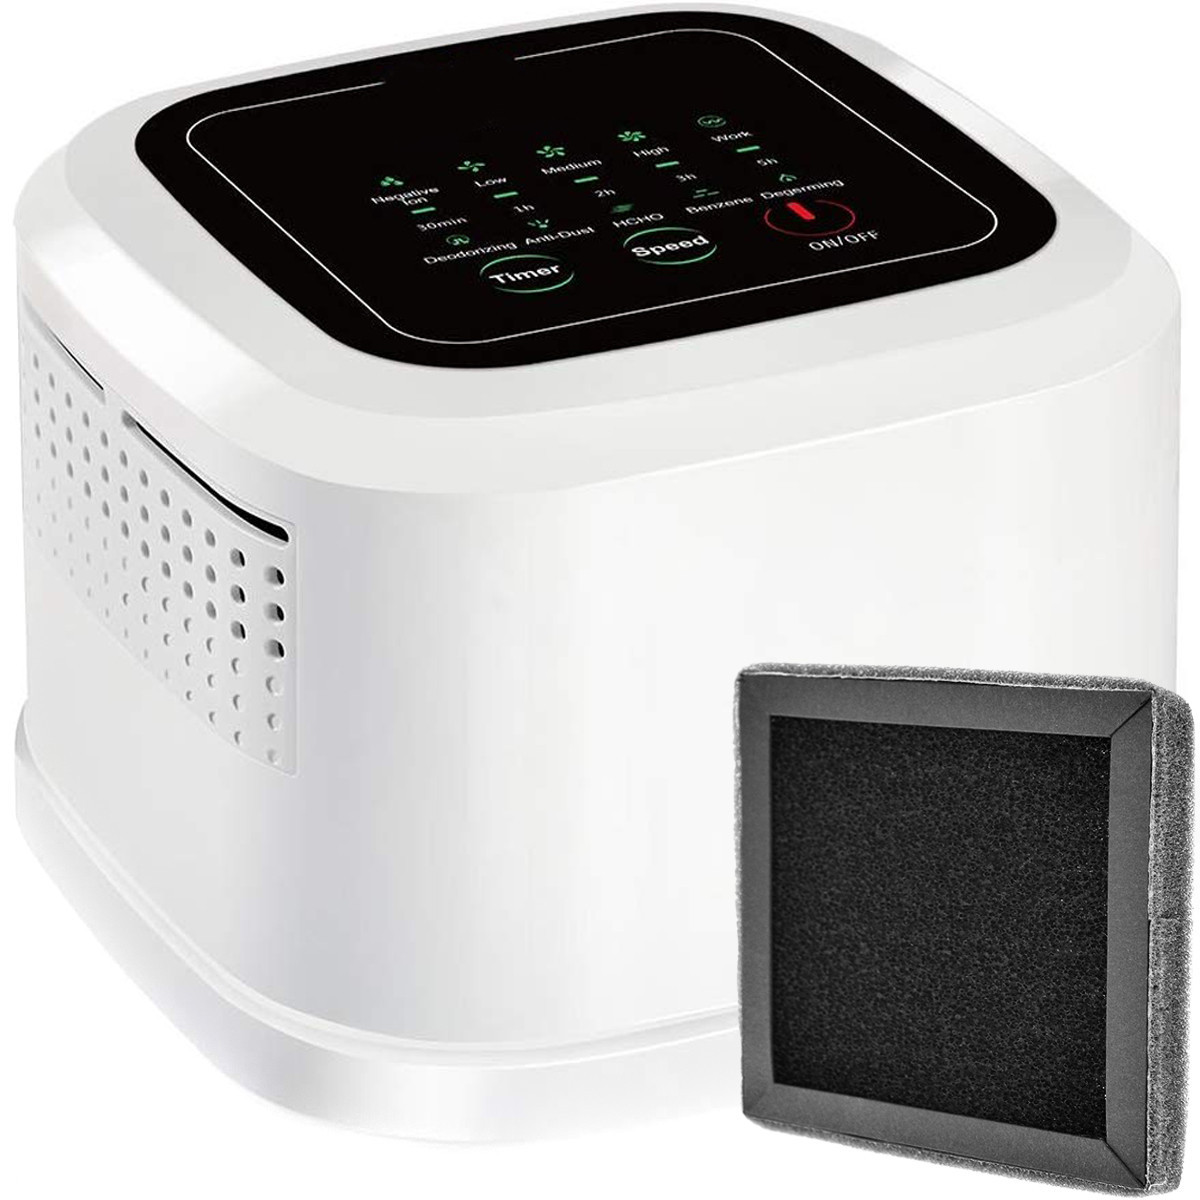 Oczyszczacz powietrza Cronos Cube + 1x filtr HEPA